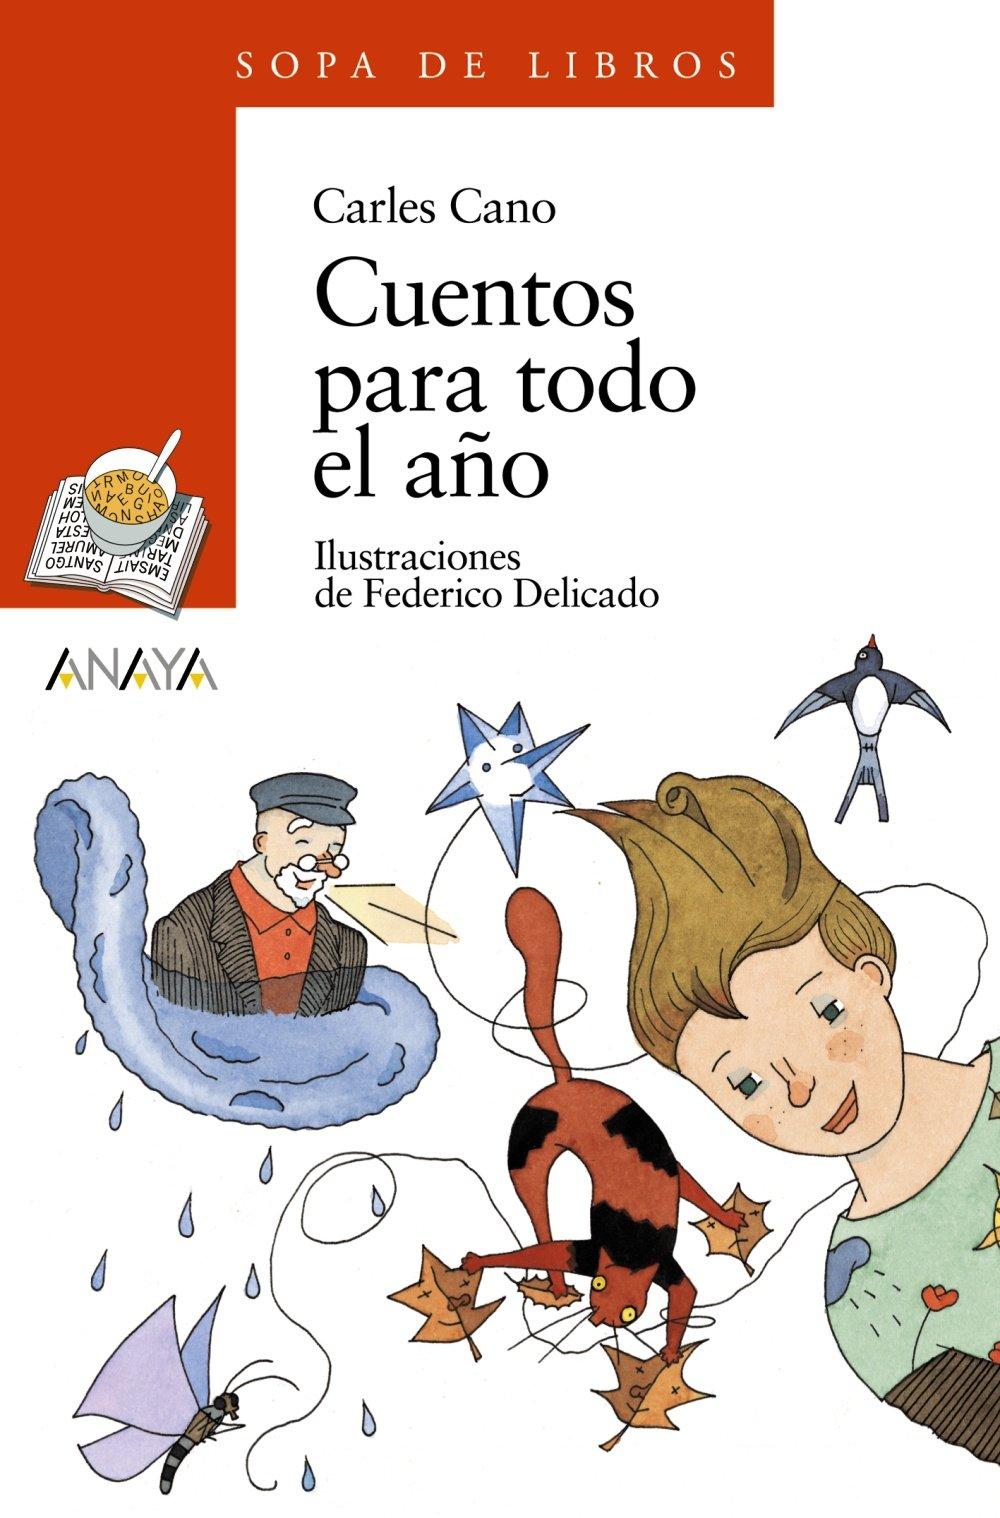 Cuentos para todo el año (Literatura Infantil (6-11 Años) - Sopa De Libros) Tapa blanda – 14 jun 2004 Carles Cano Federico Delicado ANAYA INFANTIL Y JUVENIL 8420784583